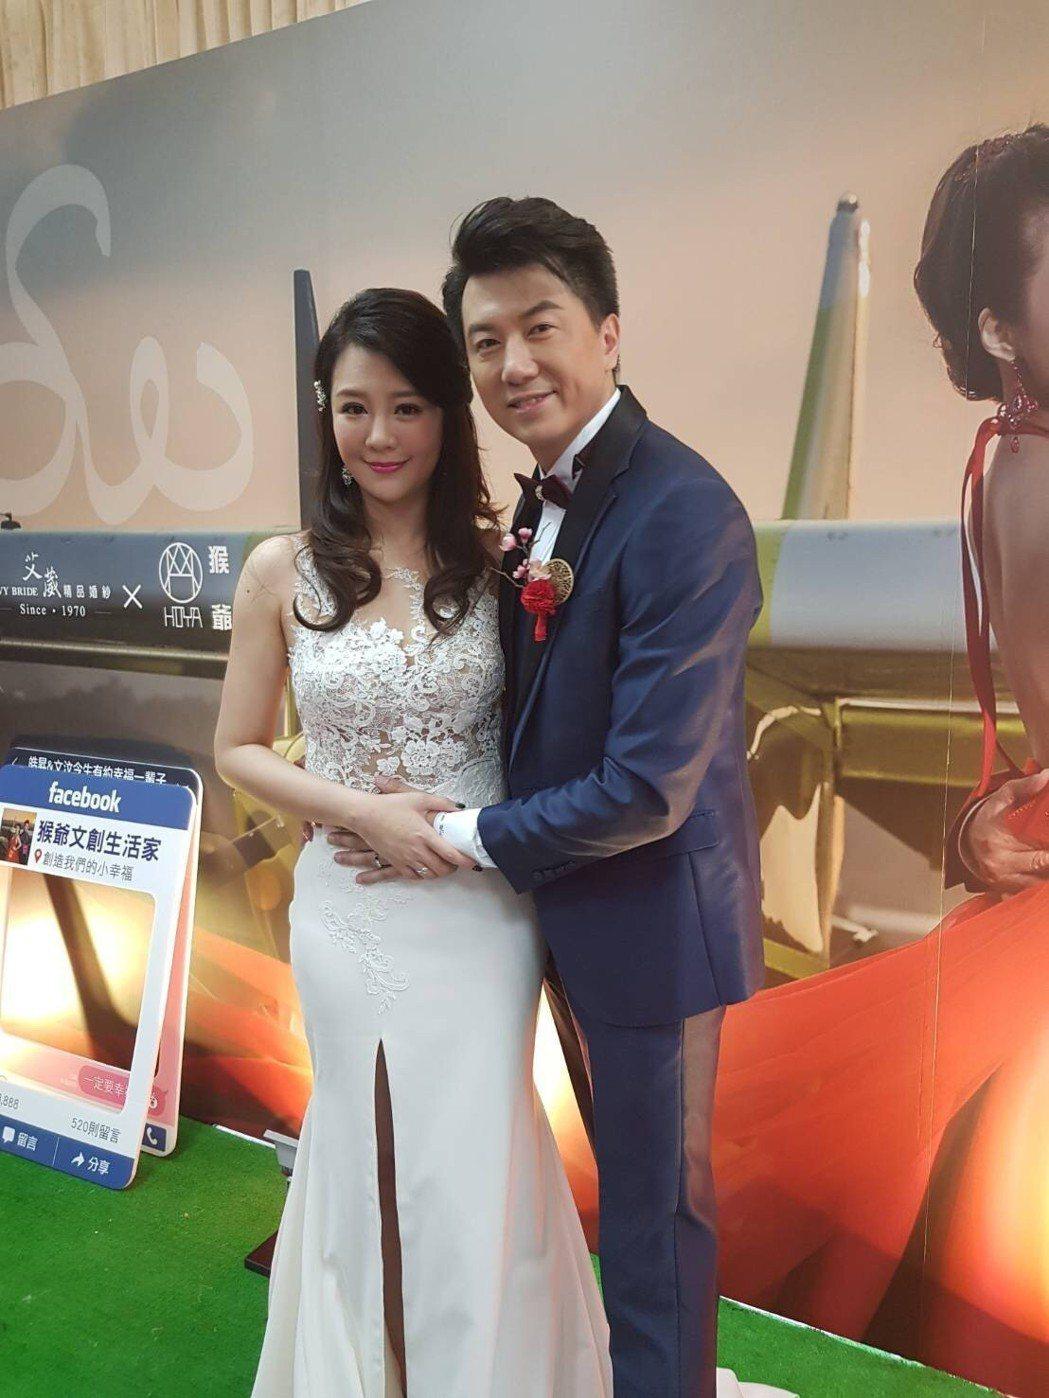 文汶、吳皓昇在南投舉辦歸寧宴。圖/民視提供